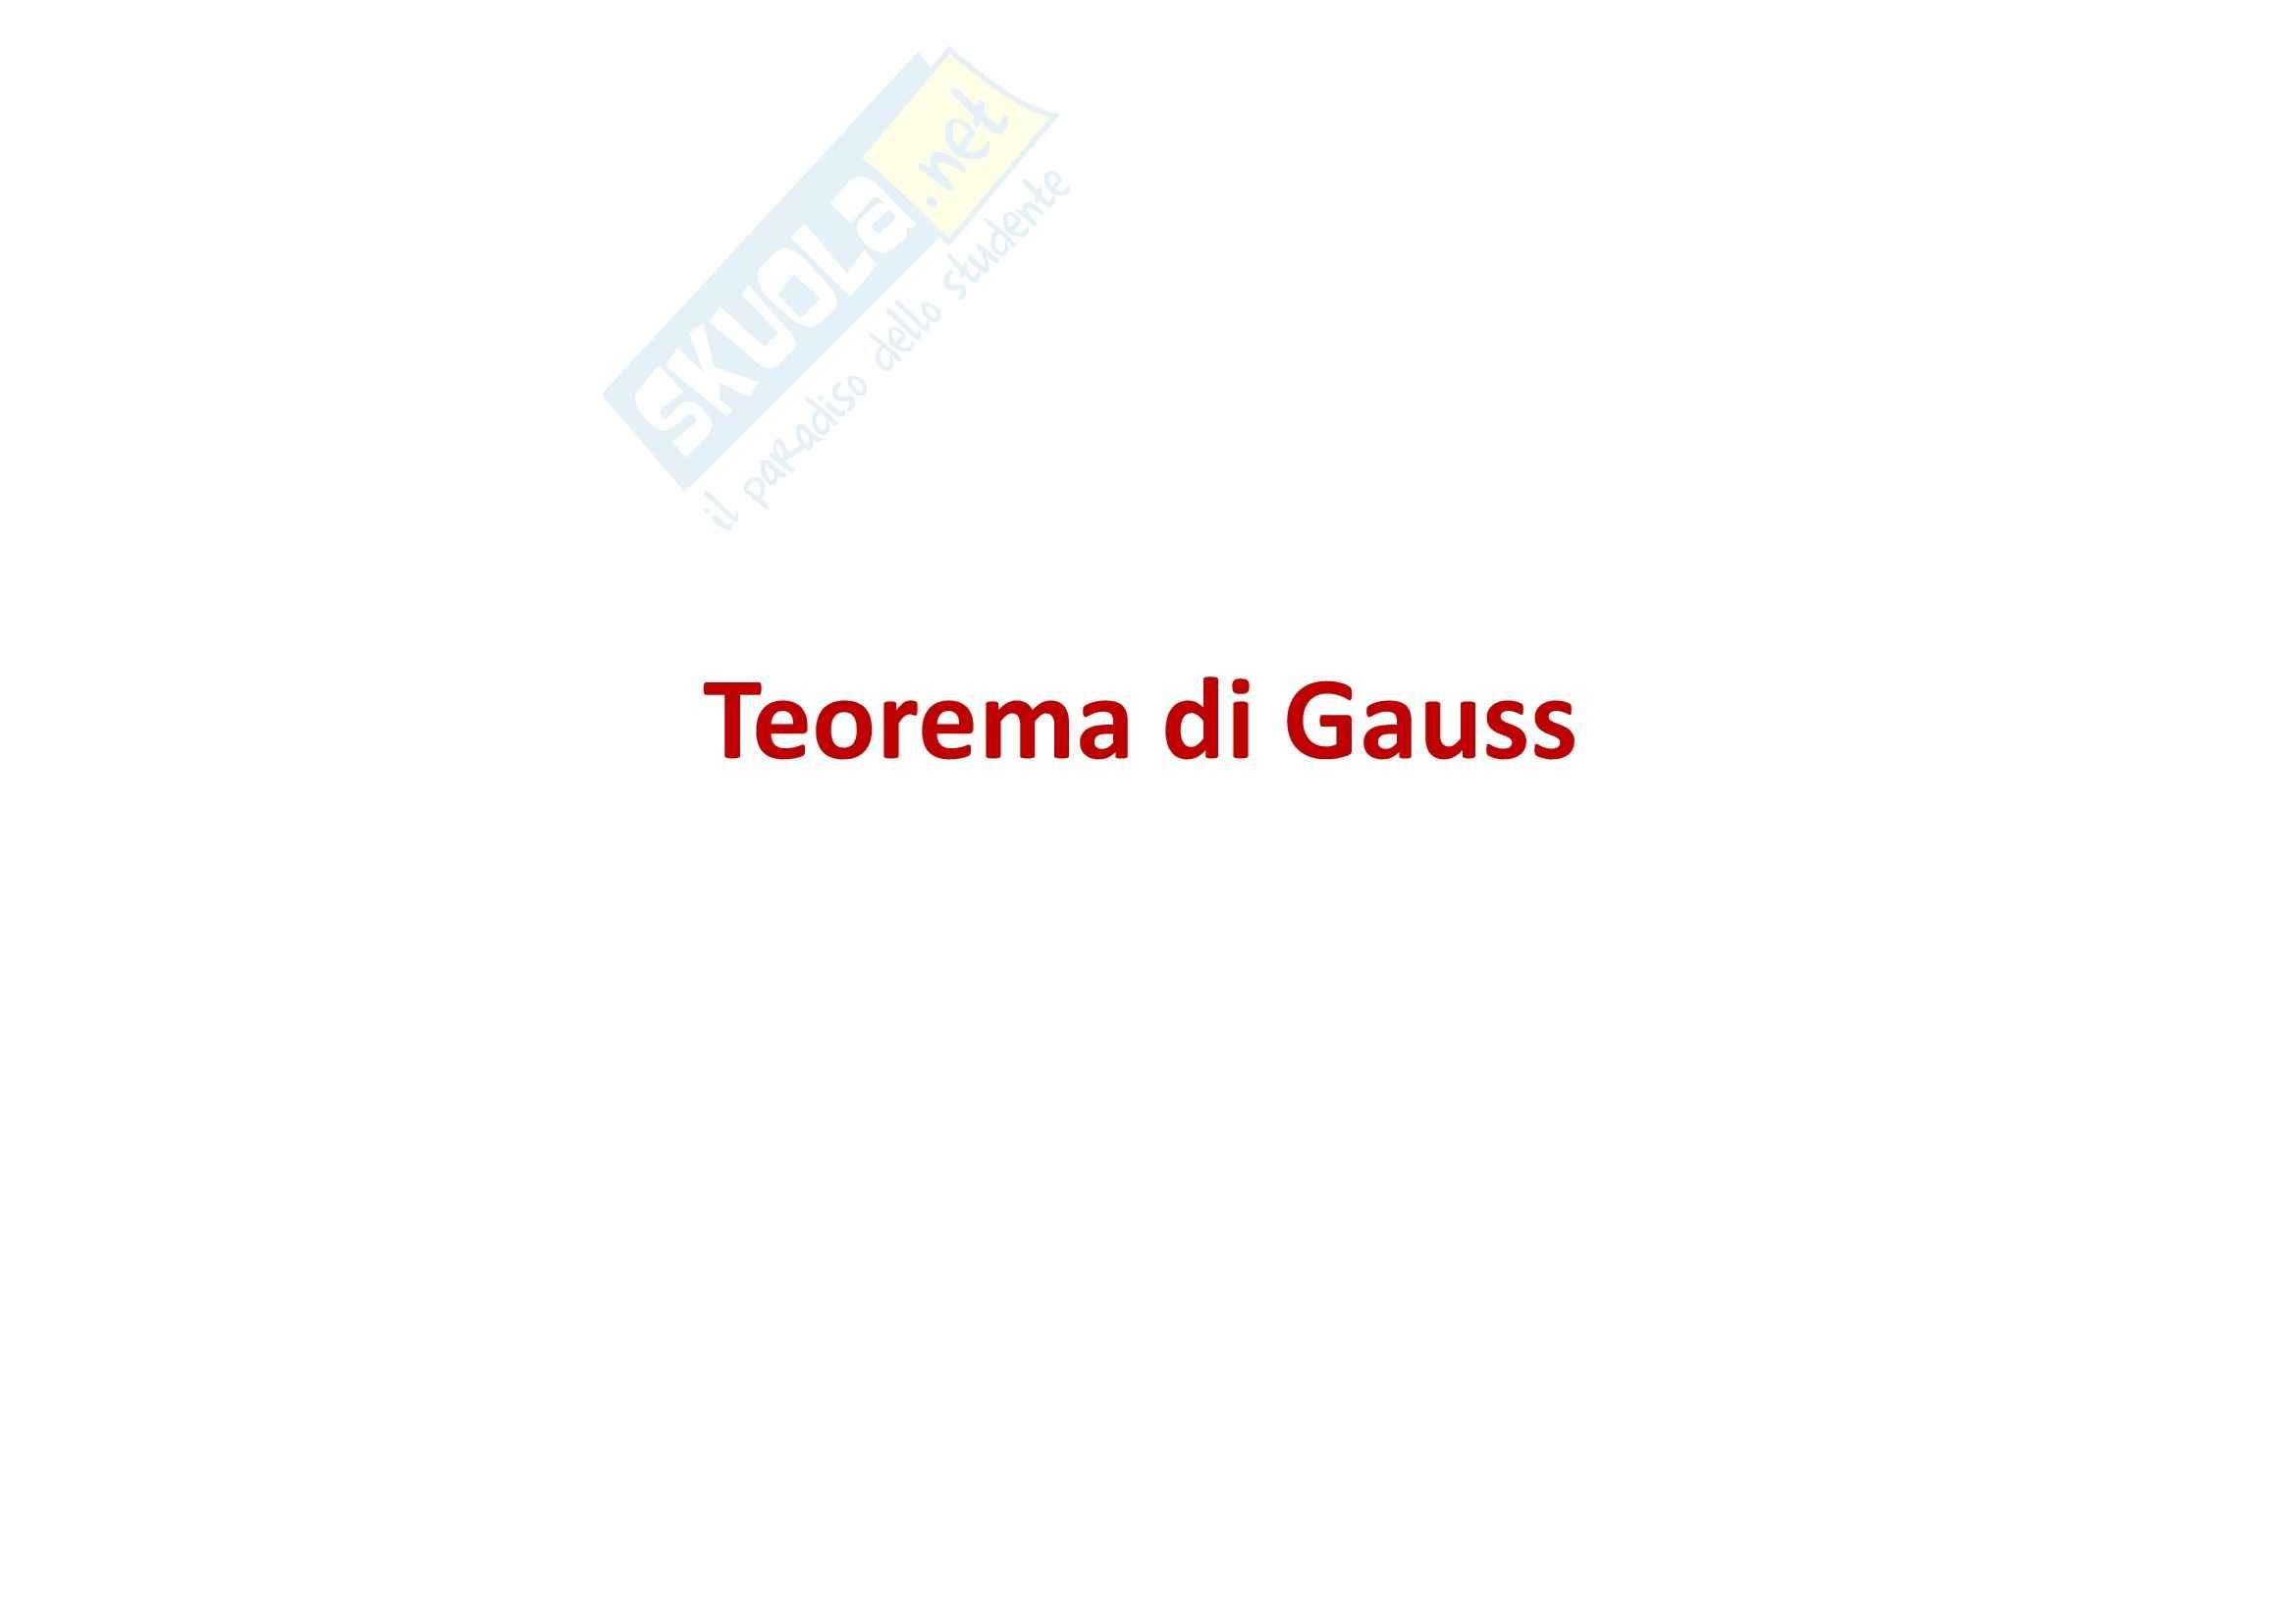 Fisica generale - Teorema di Gauss